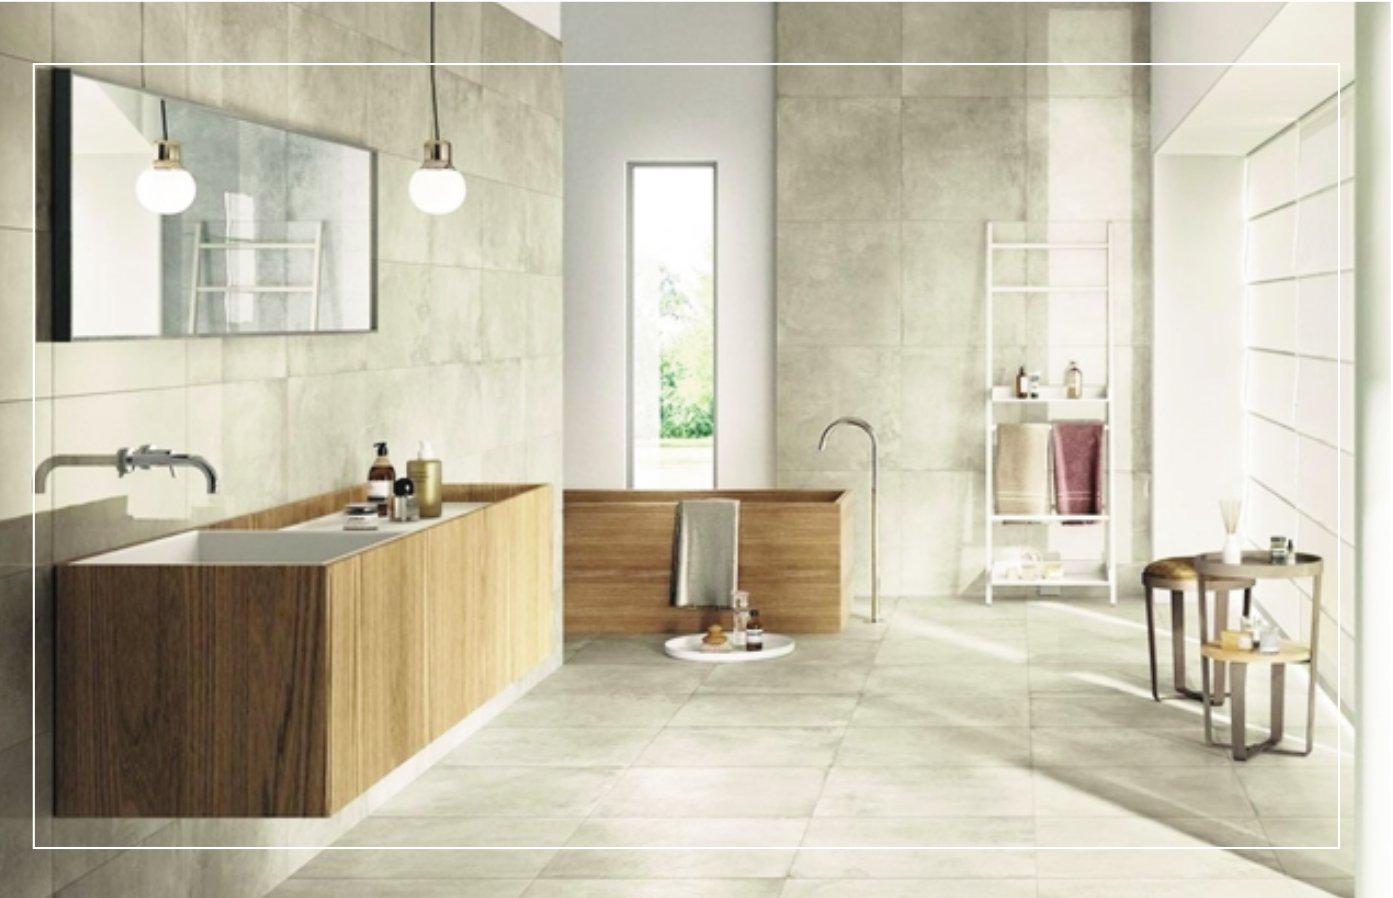 fliesen langenfeld beautiful beste with fliesen. Black Bedroom Furniture Sets. Home Design Ideas